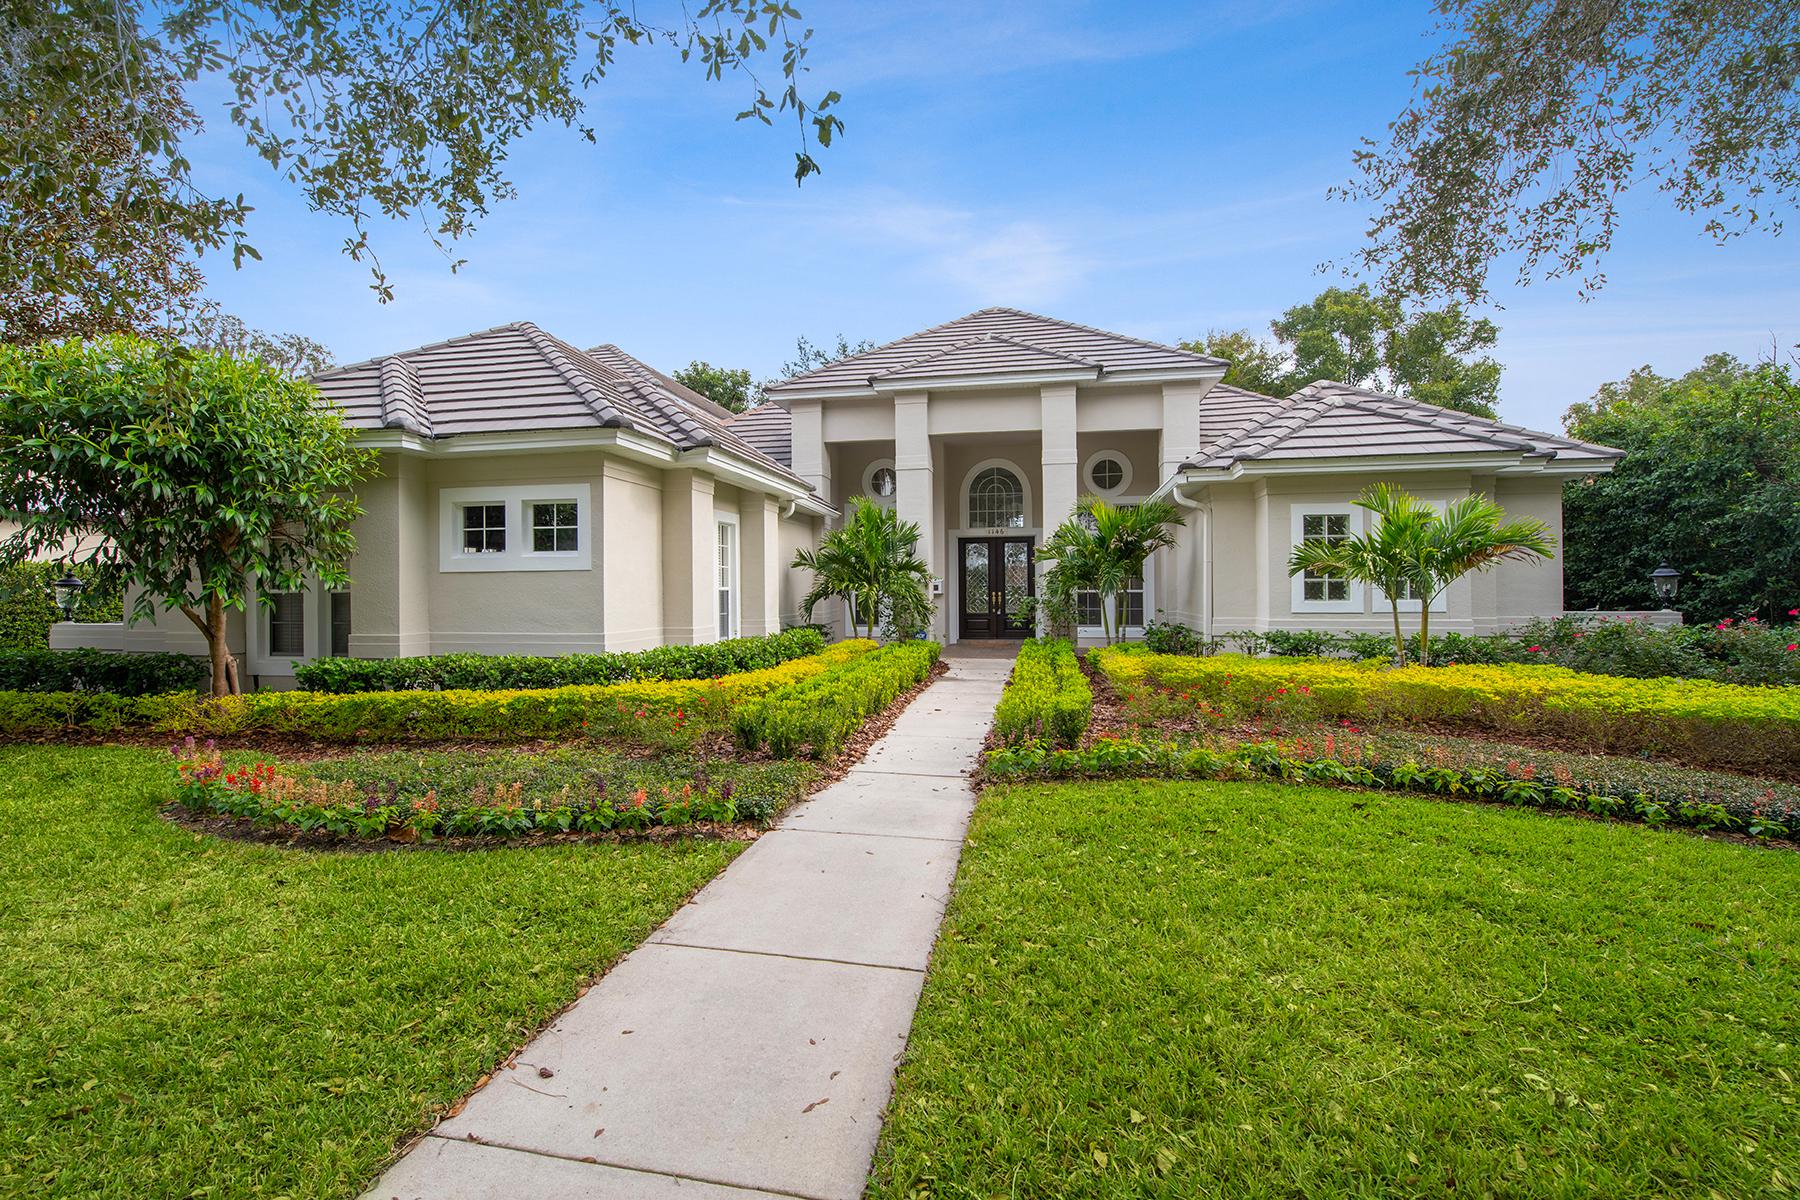 Single Family Homes für Verkauf beim 1146 Keyes Ave, Winter Park, Florida 32789 Vereinigte Staaten